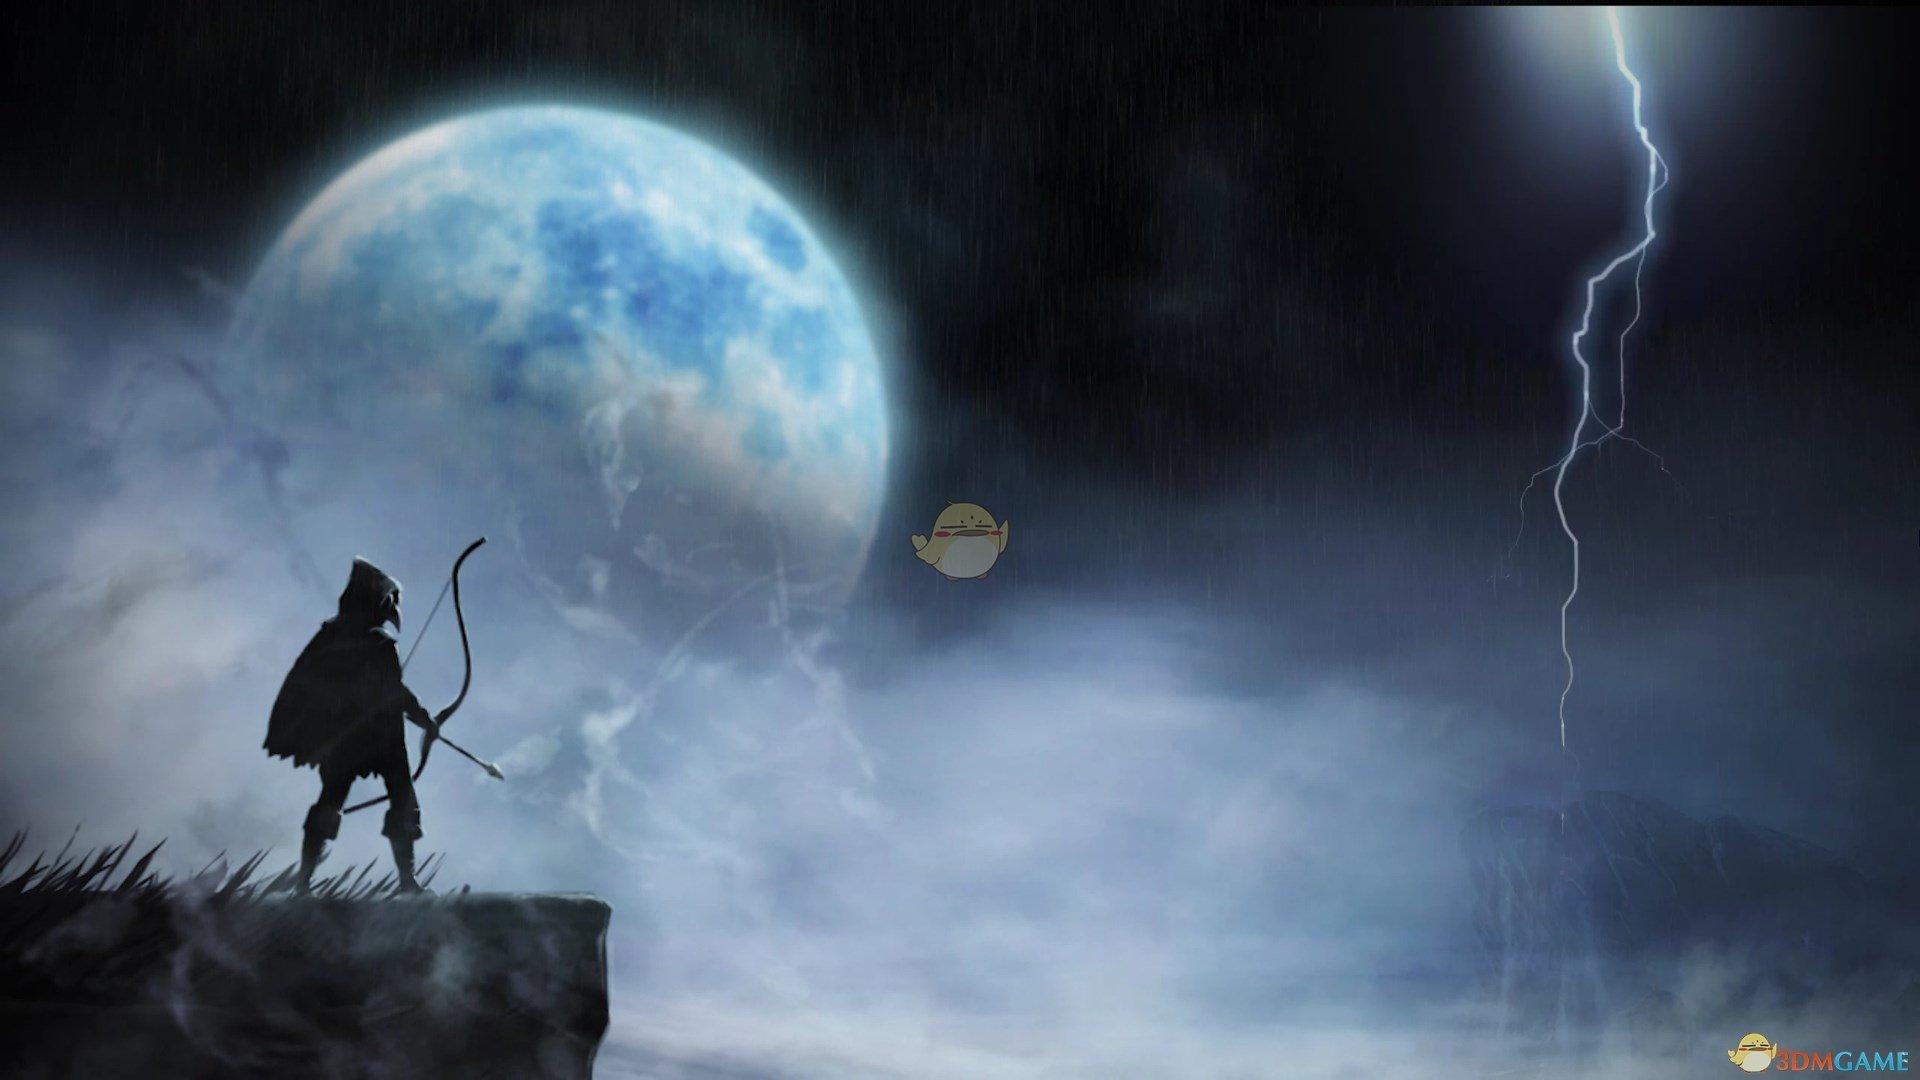 《守夜人:长夜》圣木之血作用介绍